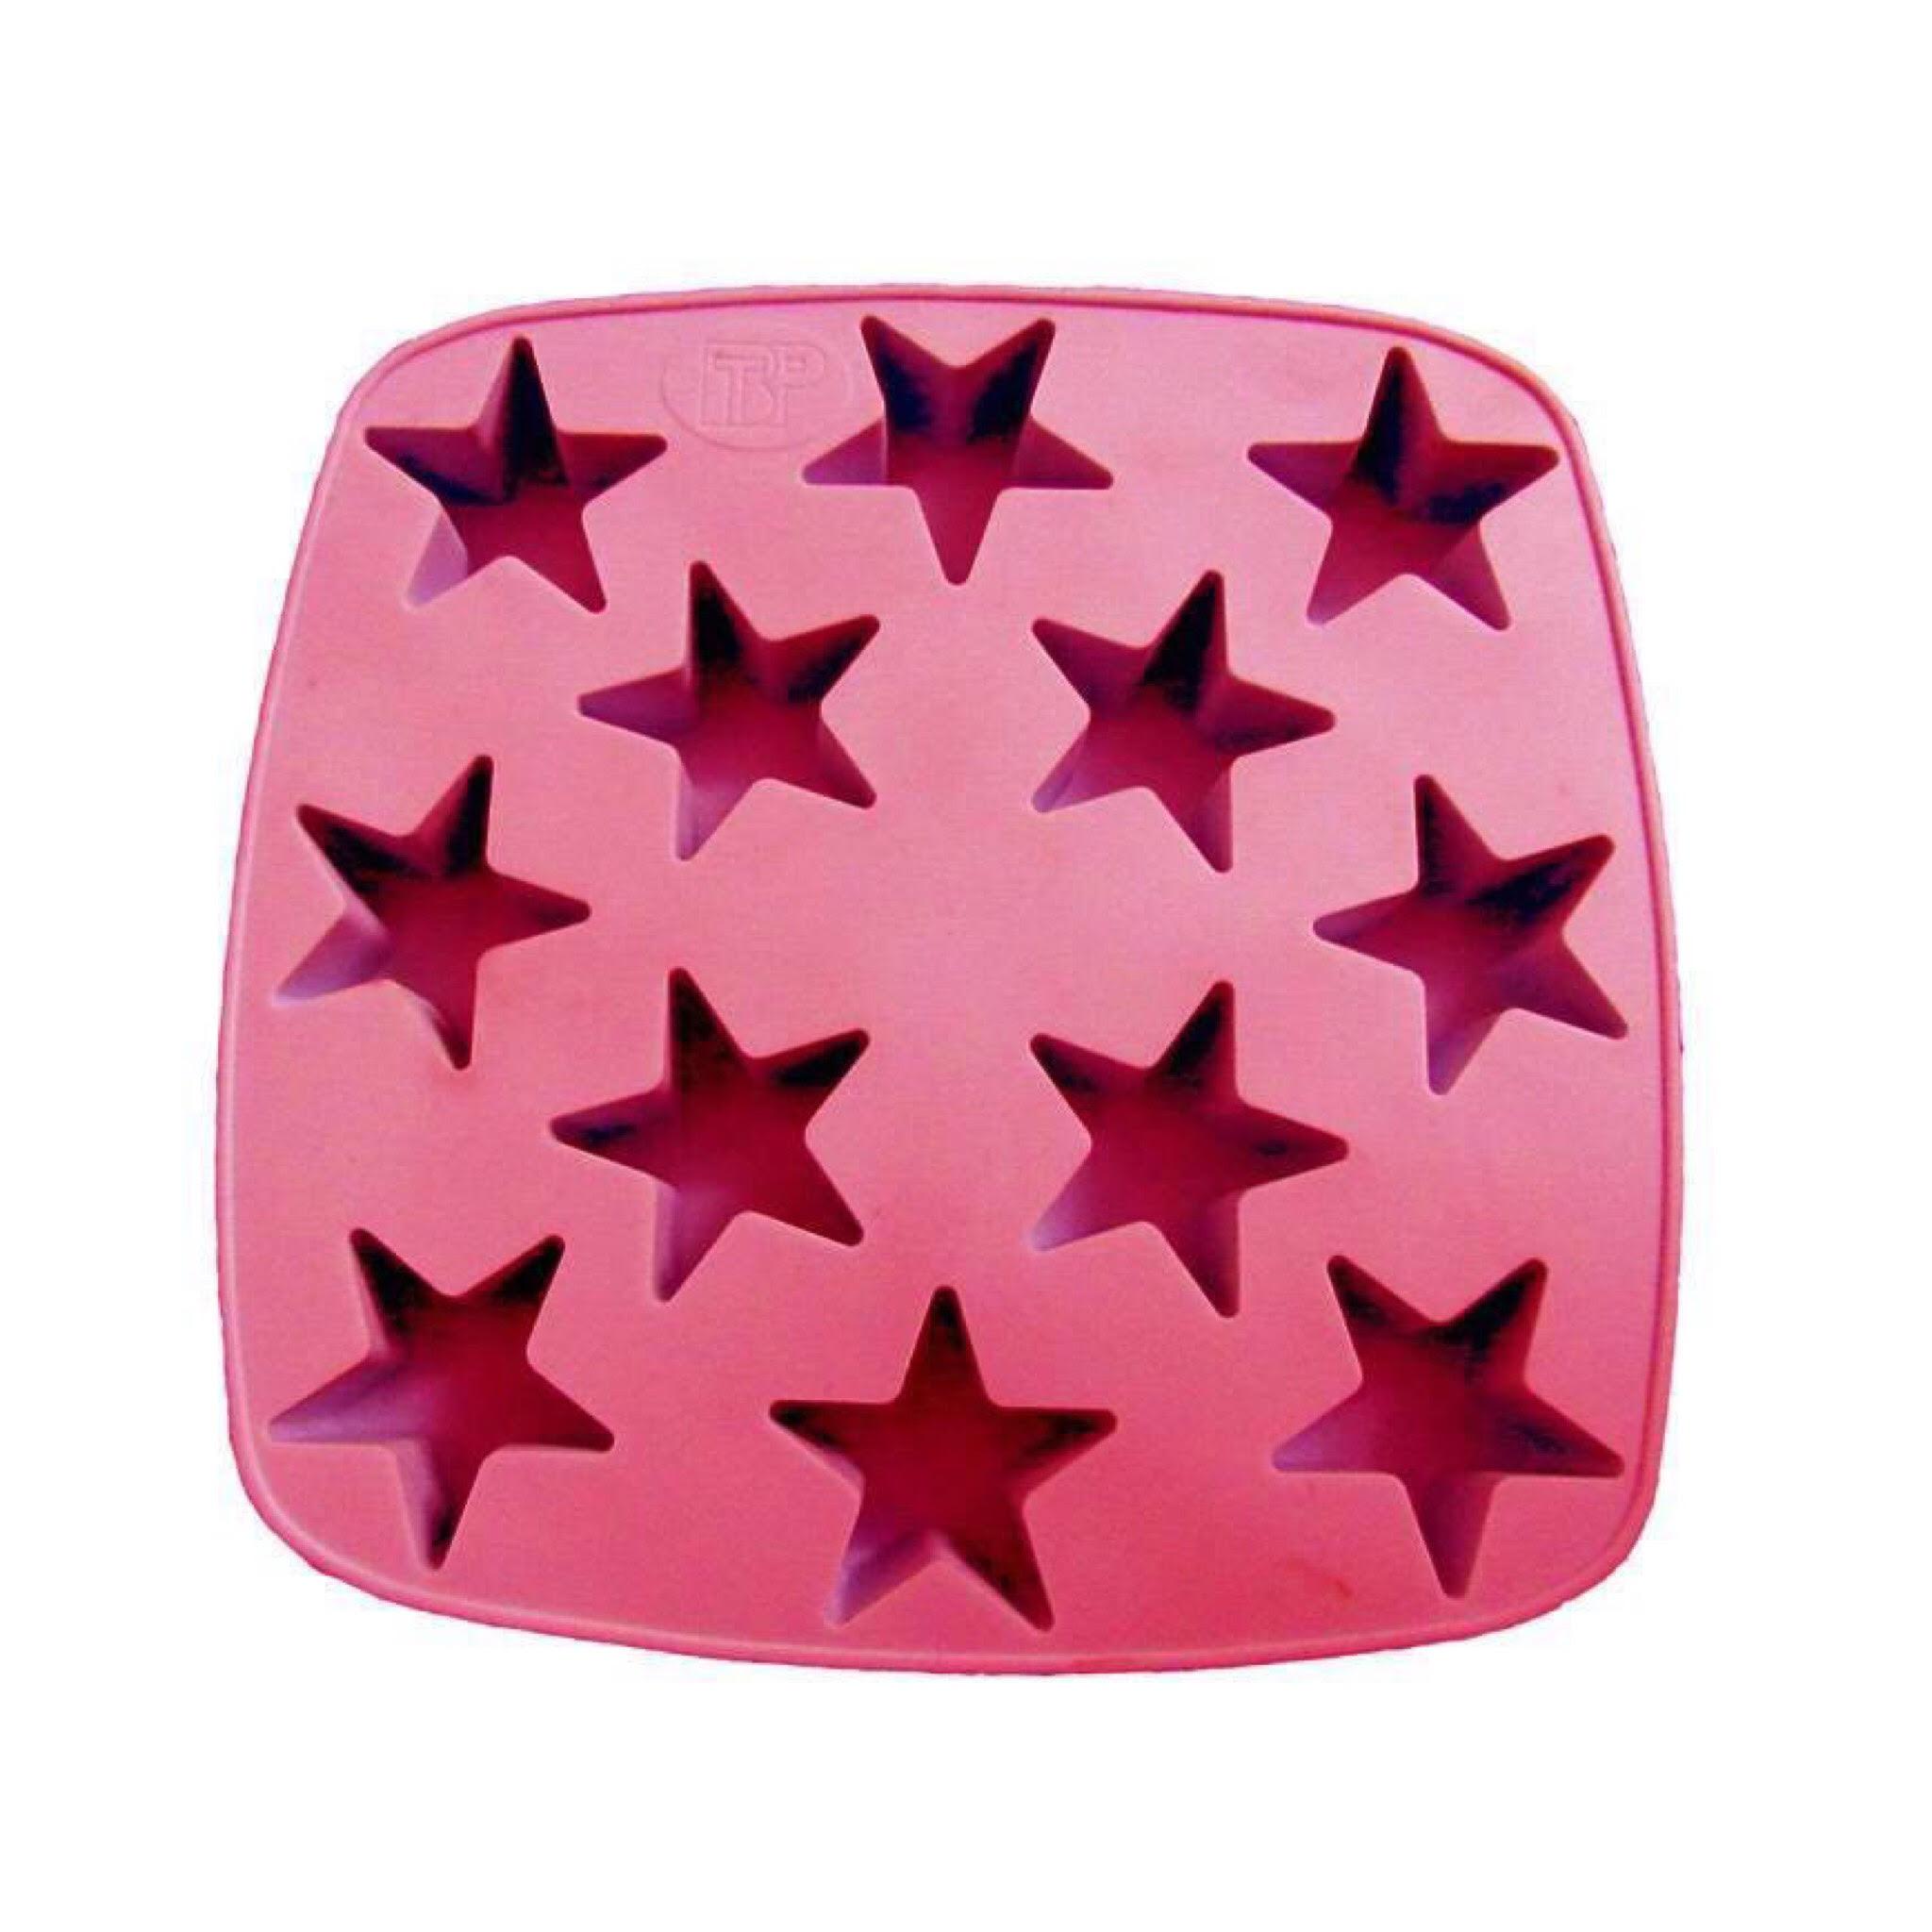 قالب ژله تاپکو طرح ستاره